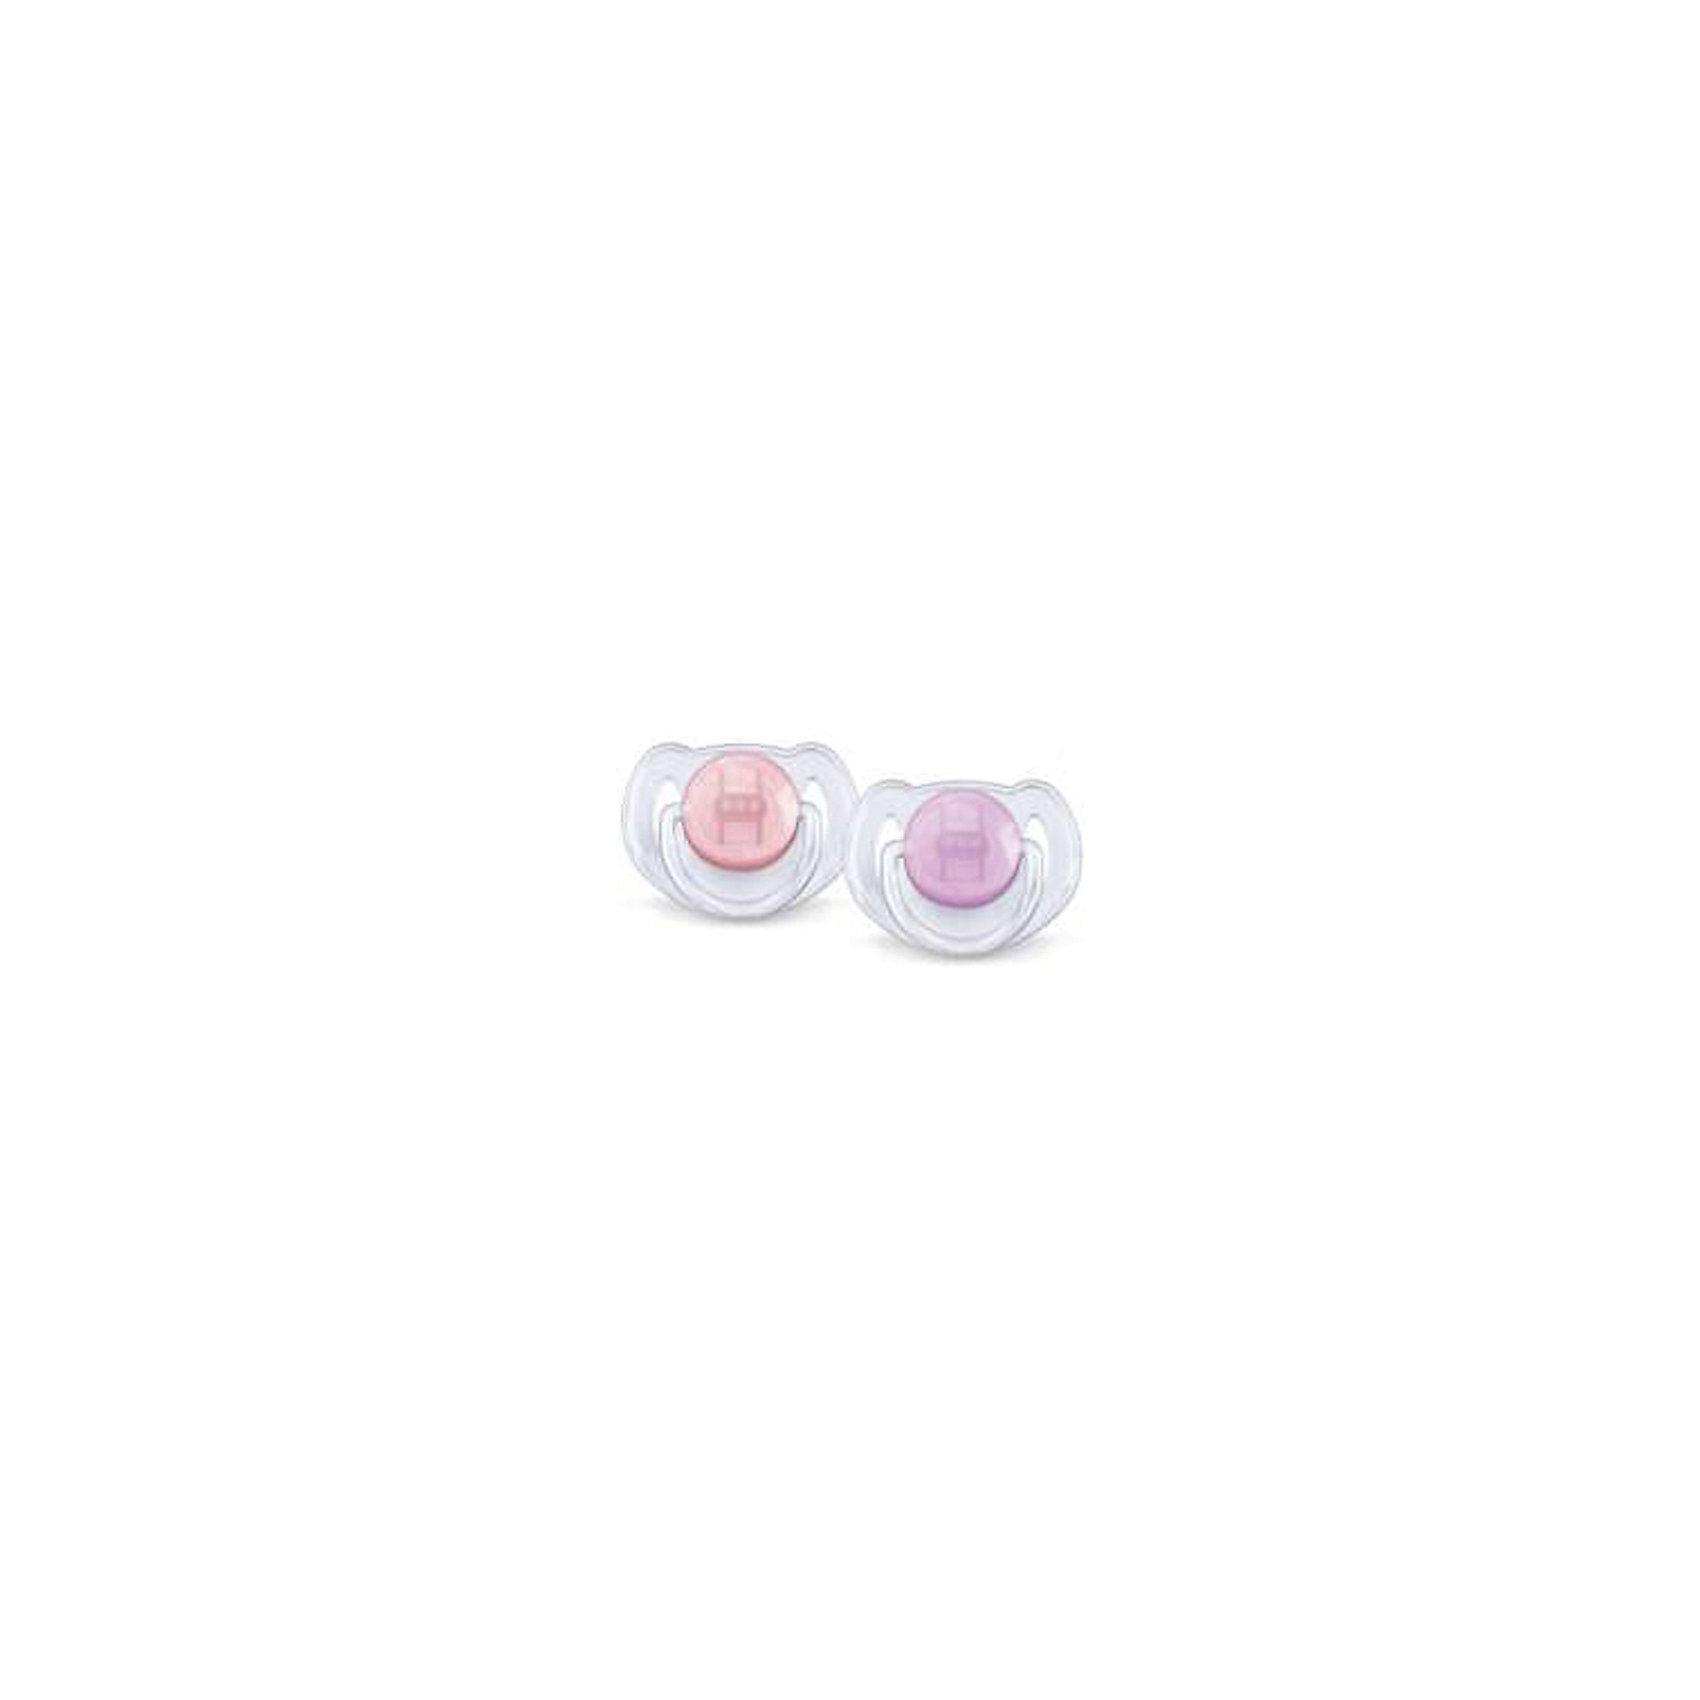 PHILIPS AVENT Силиконовая пустышка Классика, 6-18 мес., 2 шт., AVENT, розовый/сиреневый